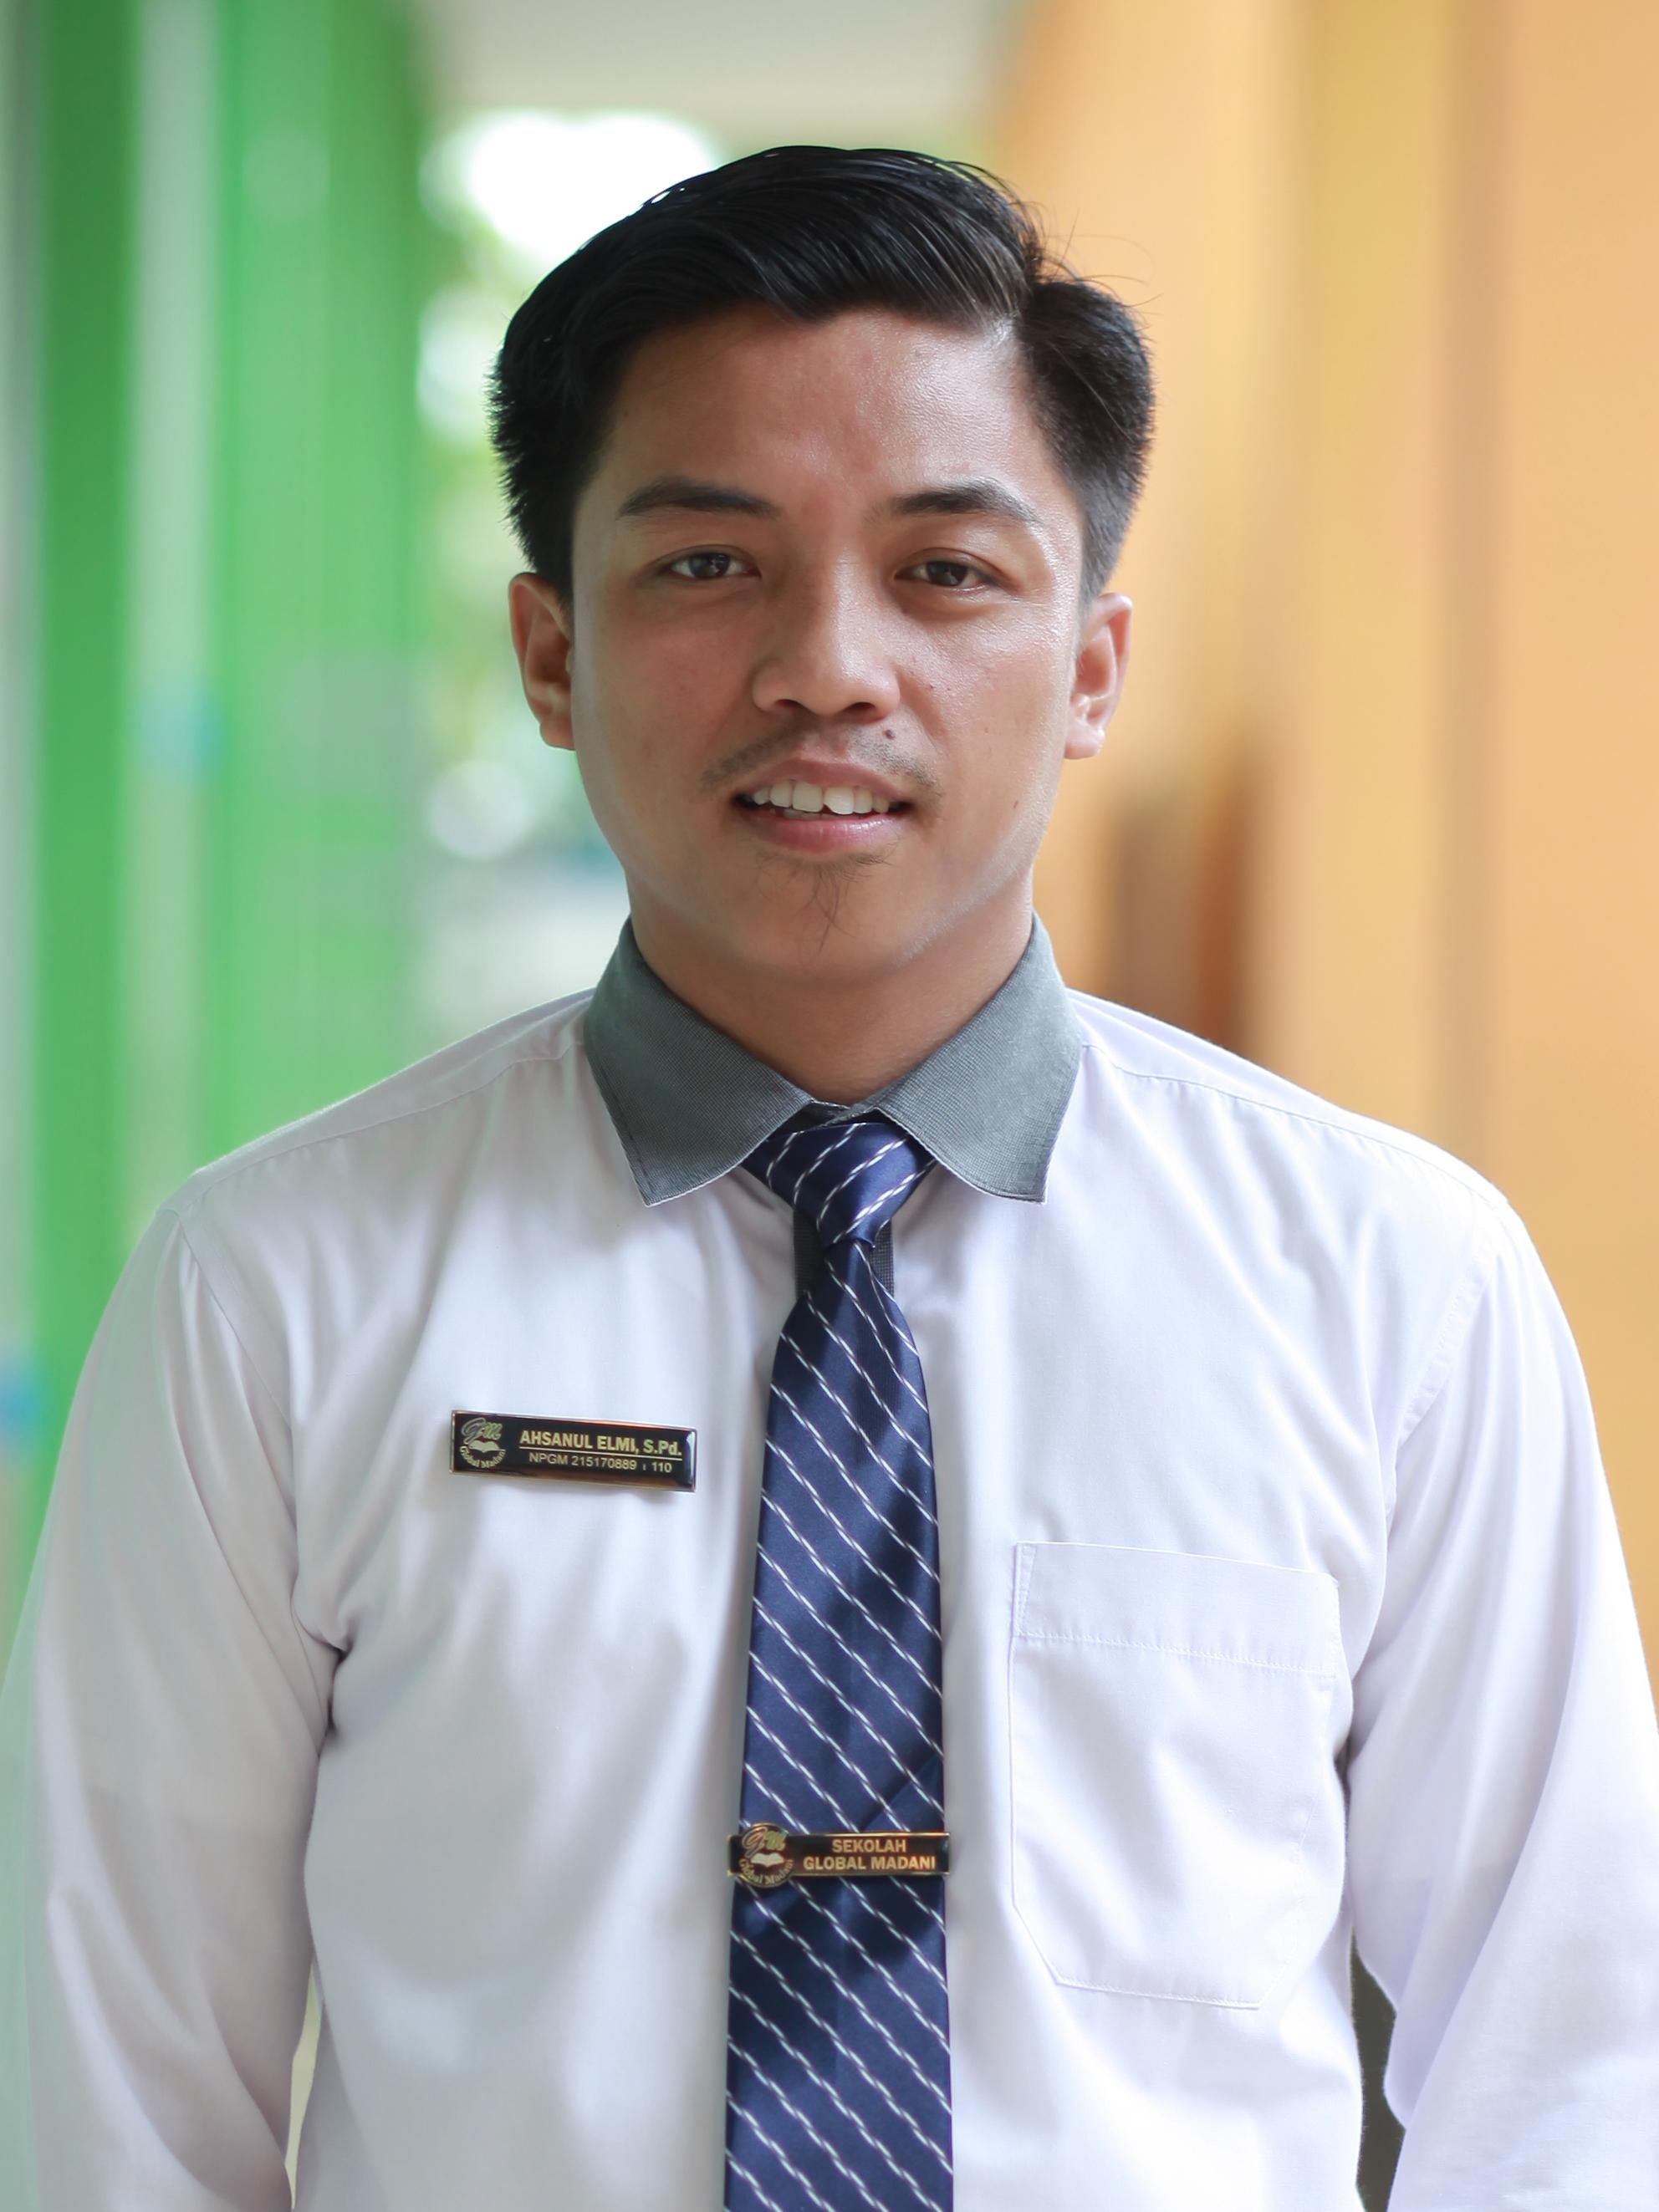 Ahsanul Elmi, S.Pd.